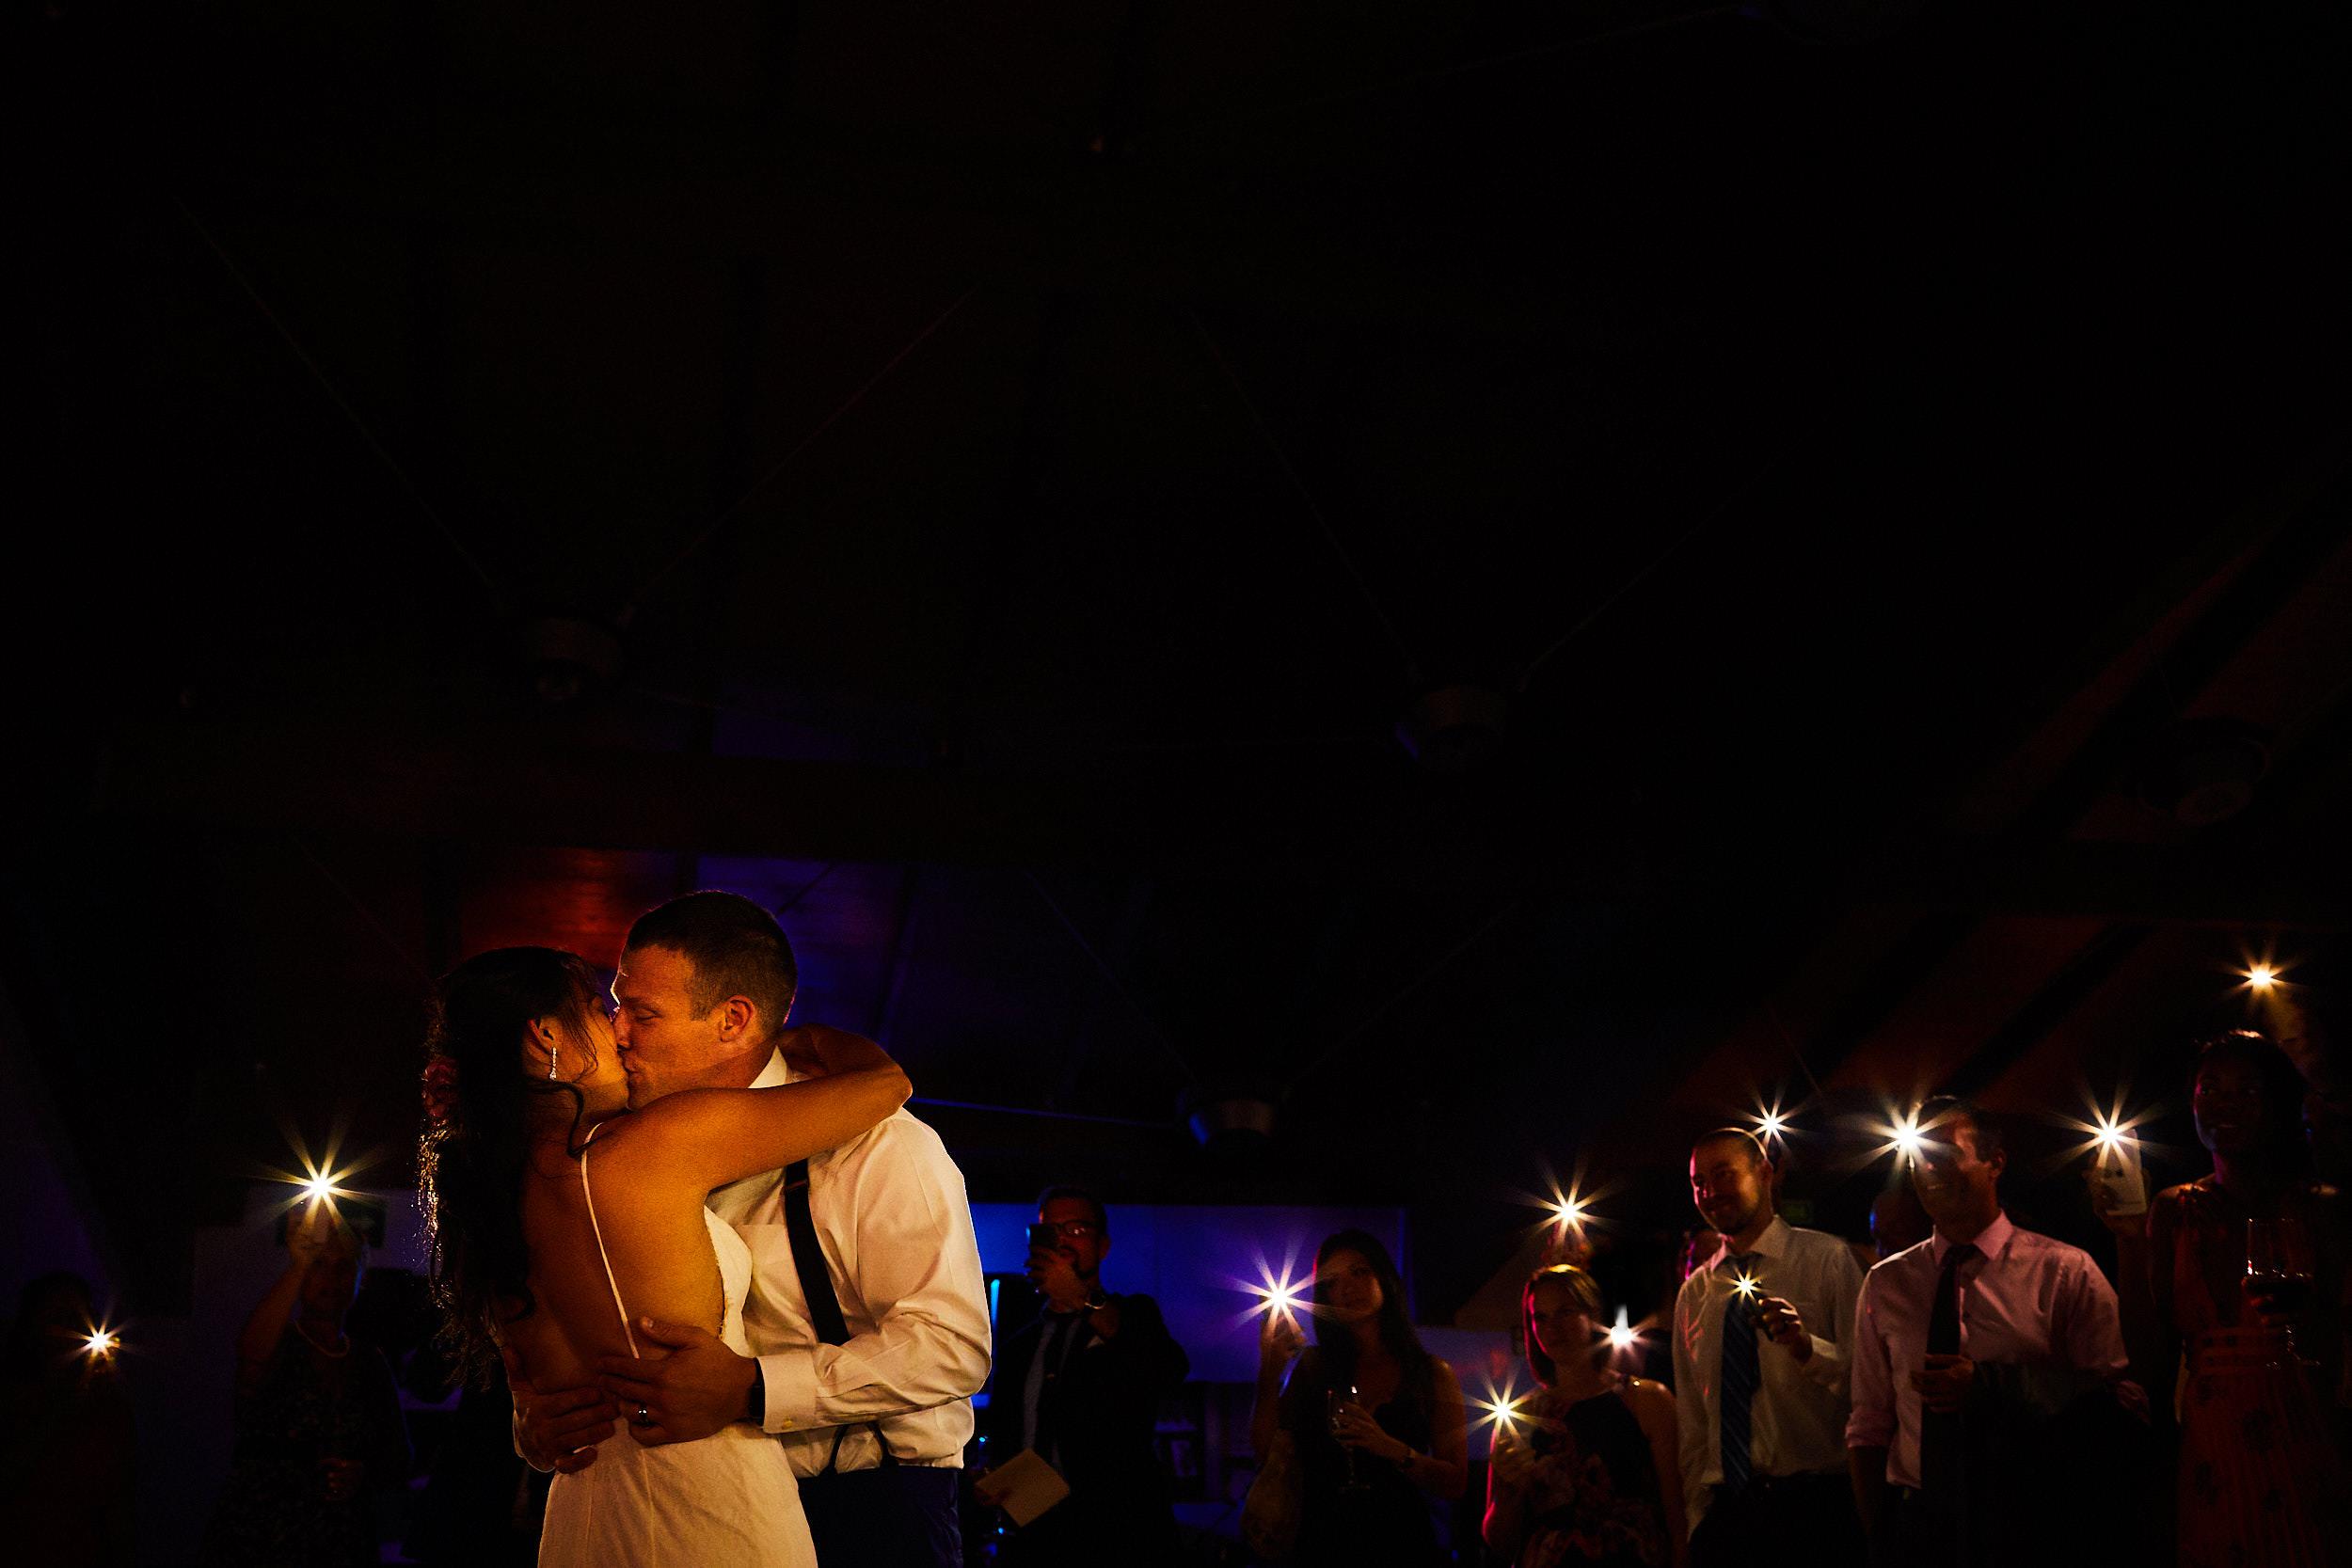 Basque_Country_Wedding_Photographer_Marques_De_Riscal_Elciego_Alava_Sturcke67.jpg